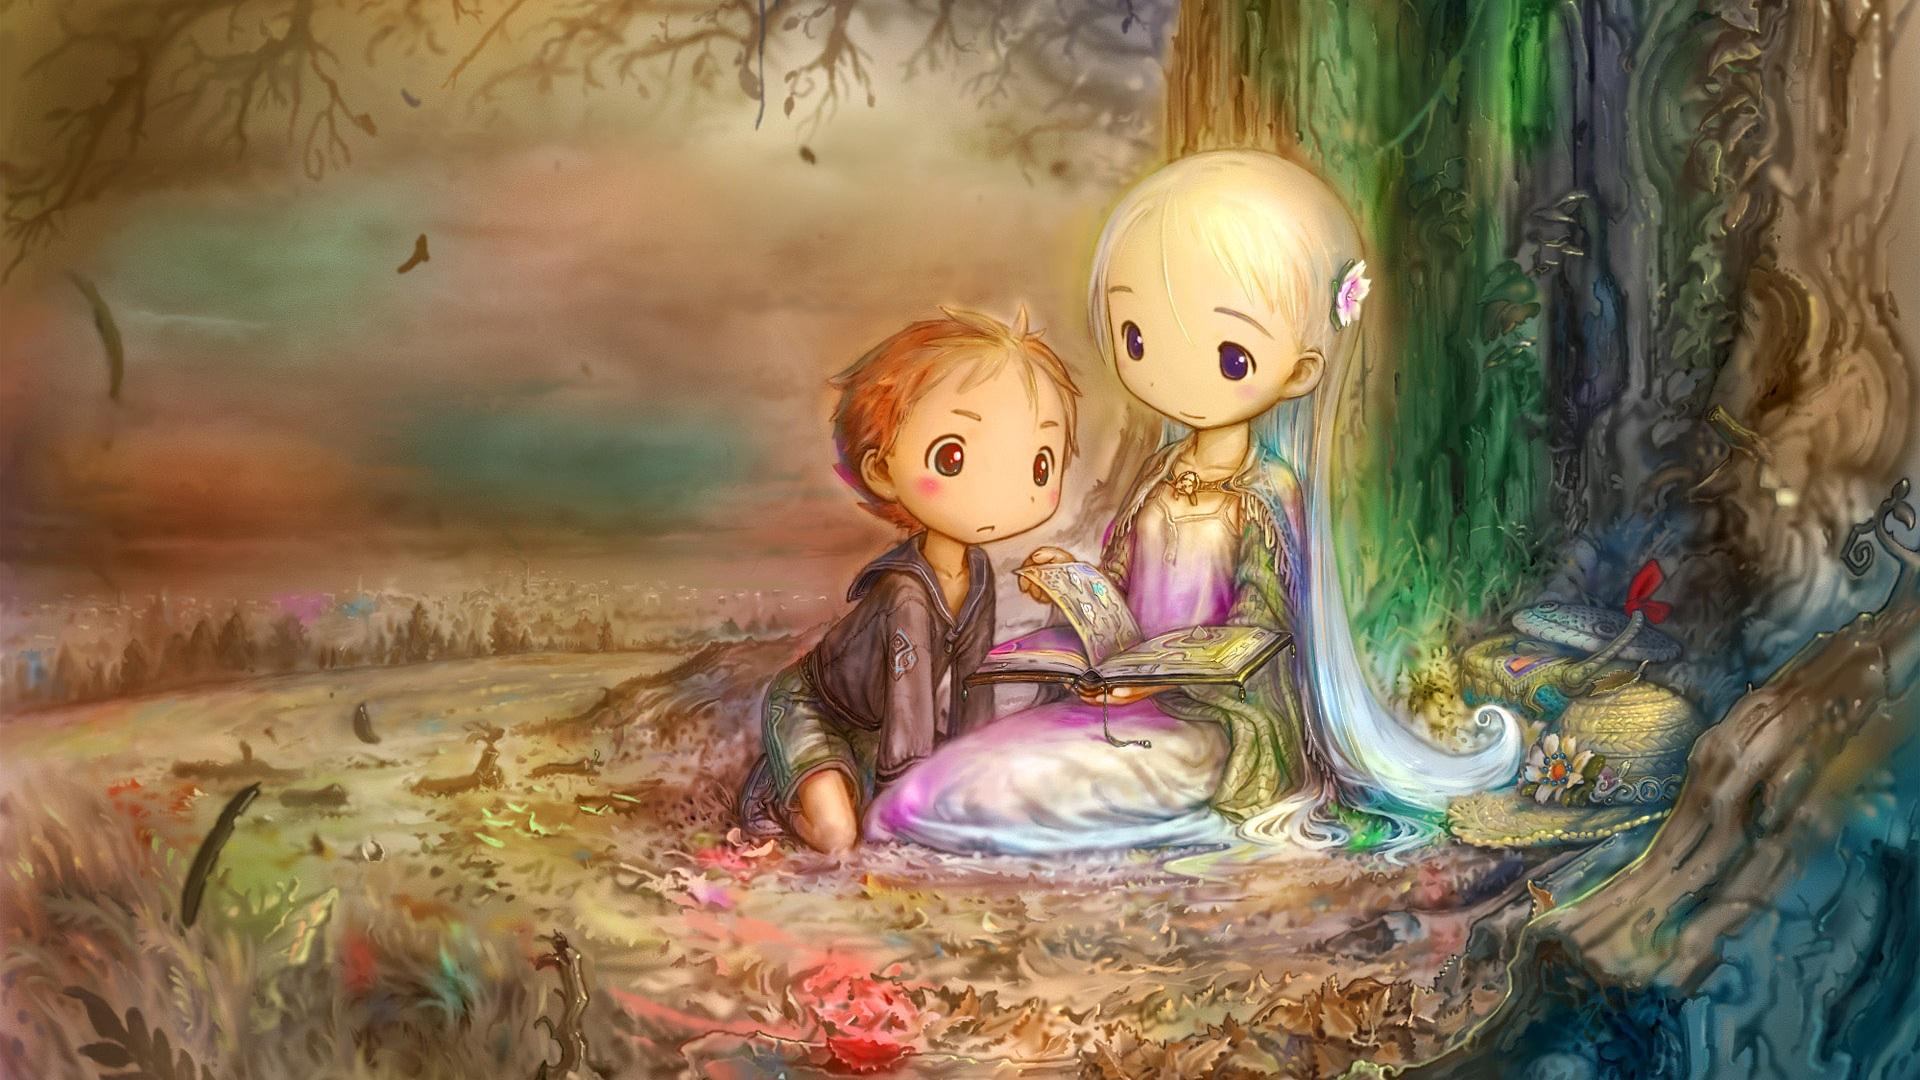 首页 绘画 树下看书的小女孩和小男孩 壁纸 / 1920x1080 全高清 壁纸图片